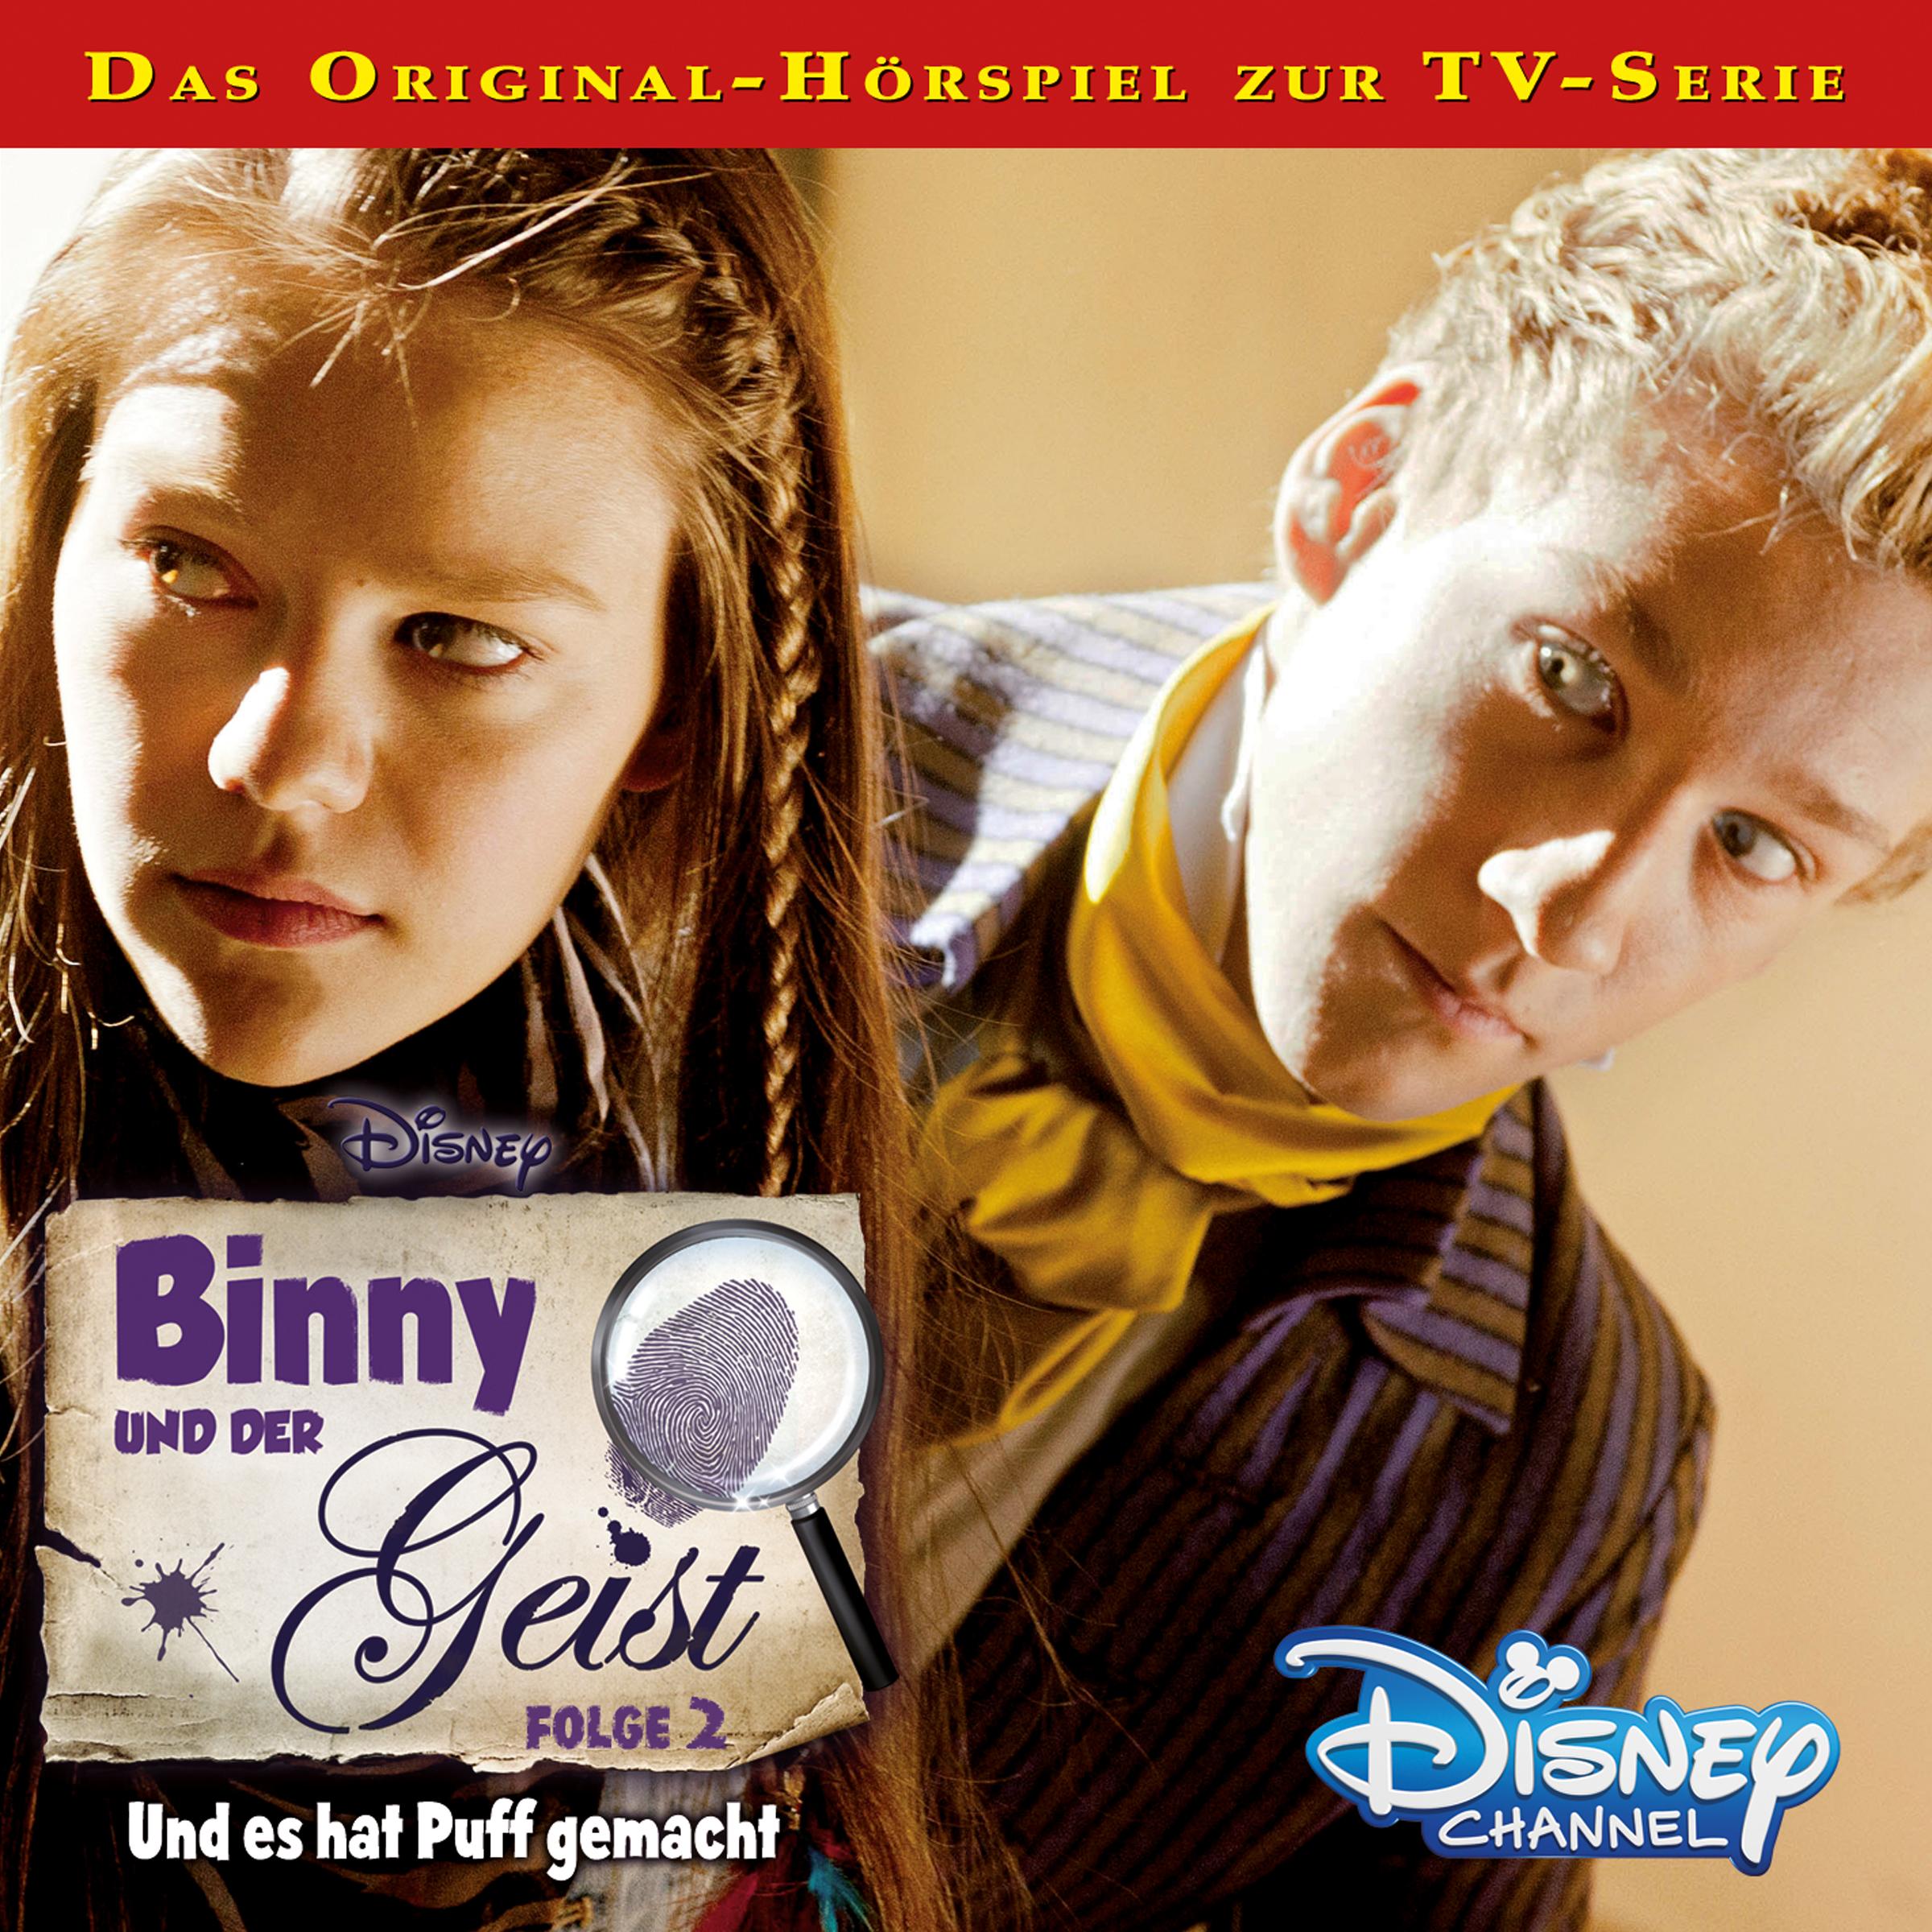 Binny und der Geist Und es hat Puff gemacht (Folge 2)